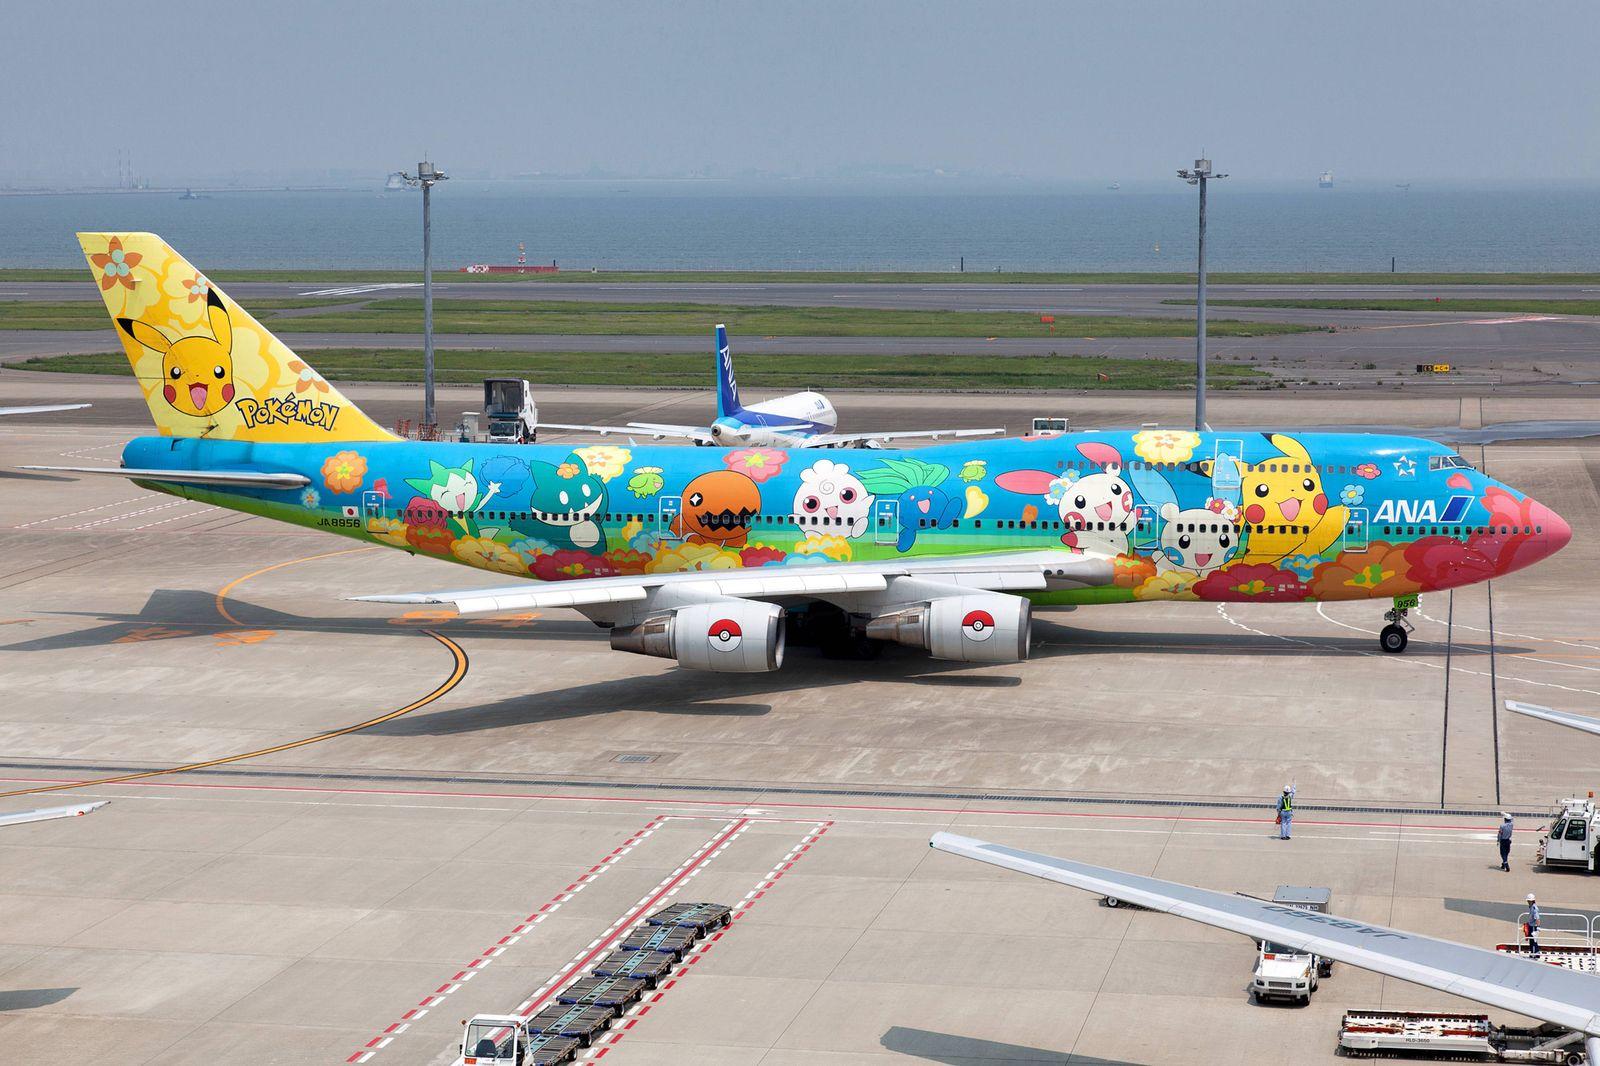 EINMALIGE VERWENDUNG ANA / Airline